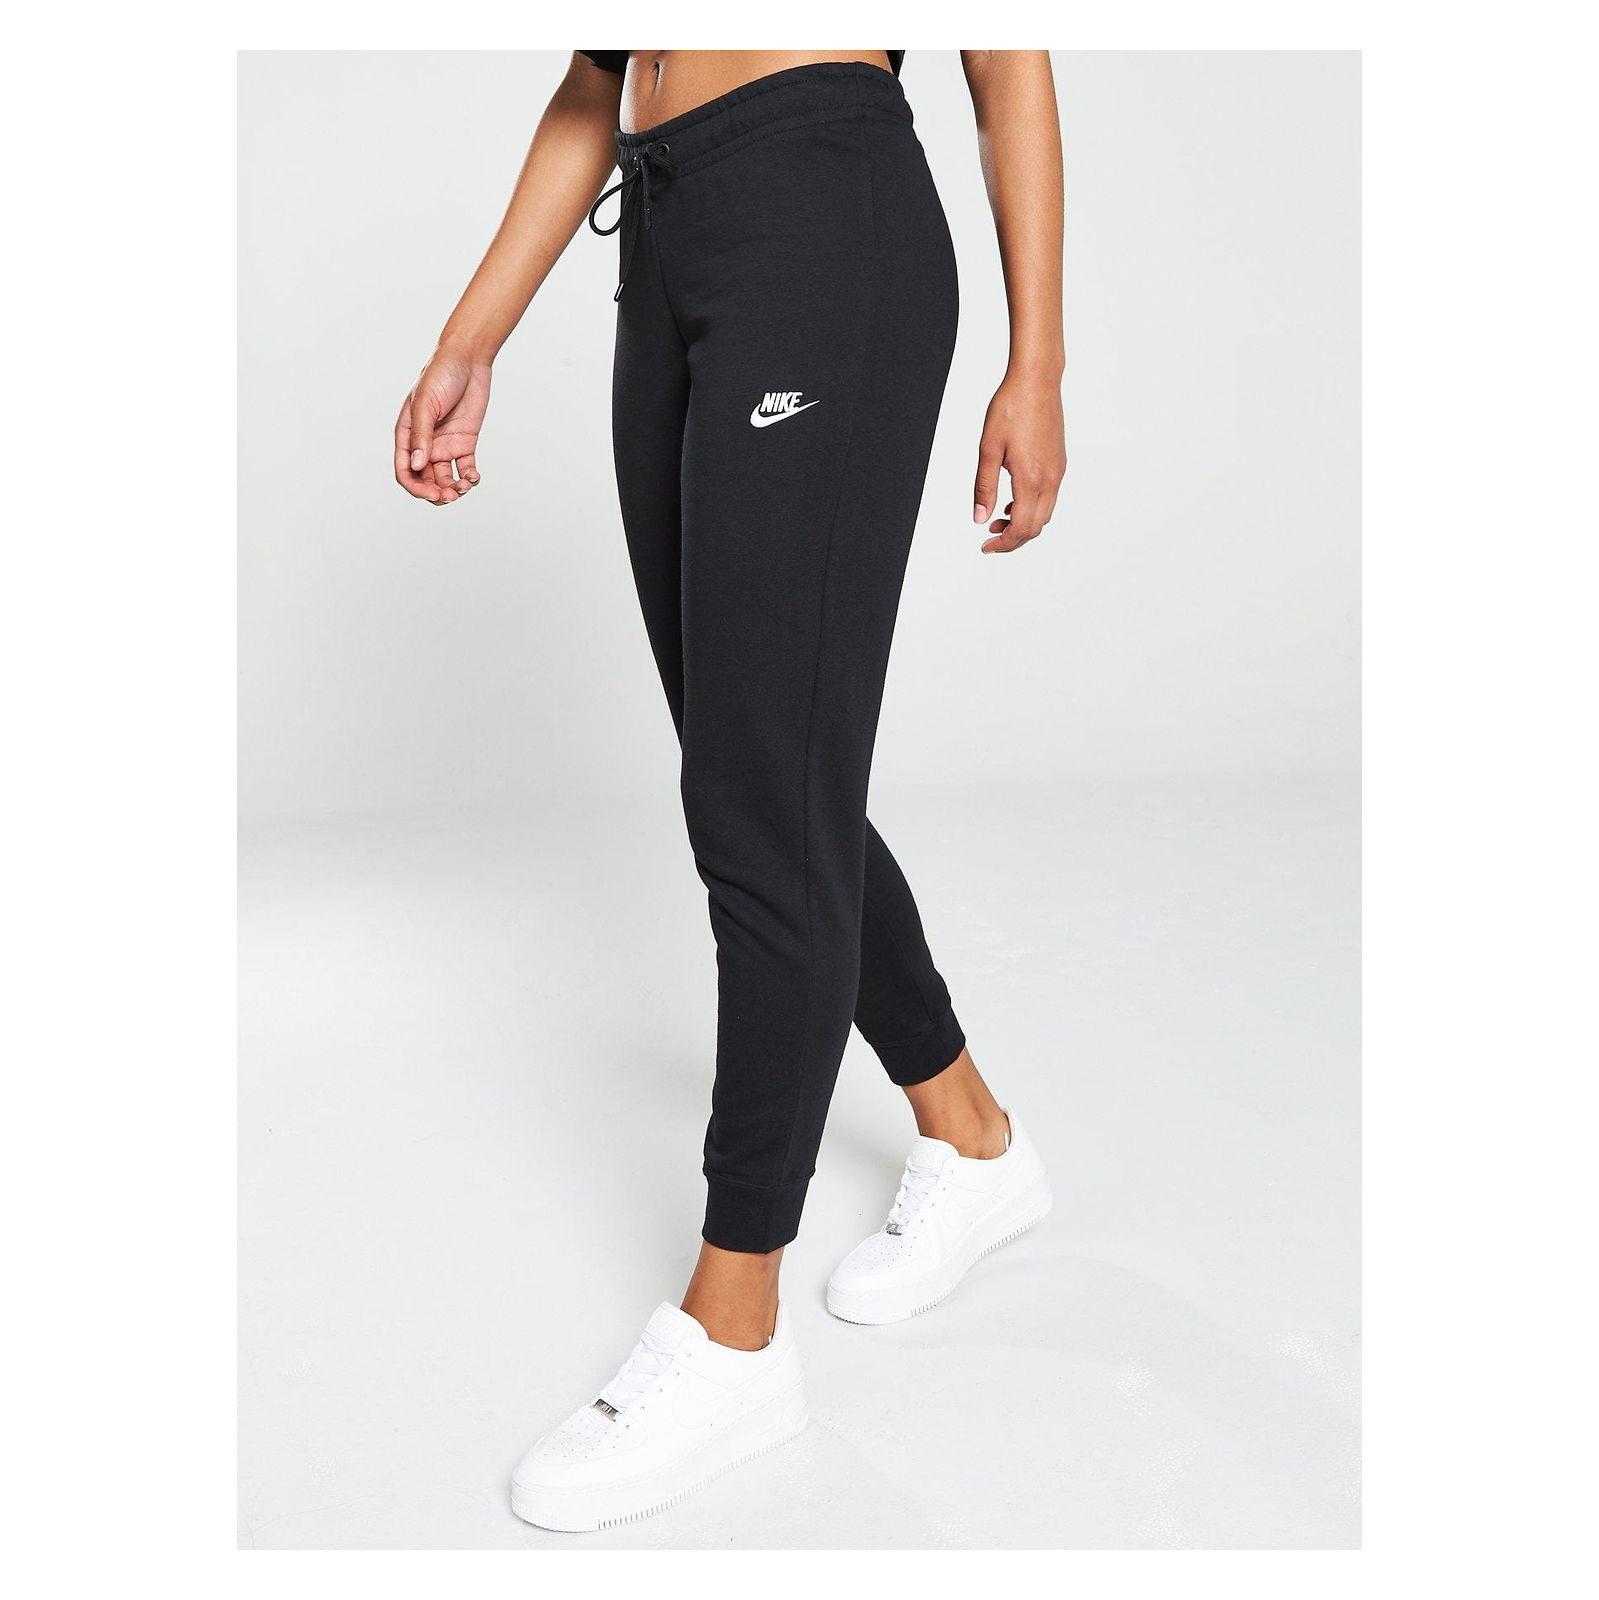 Spodnie damskie treningowe Nike Sportswear Essential BV4099